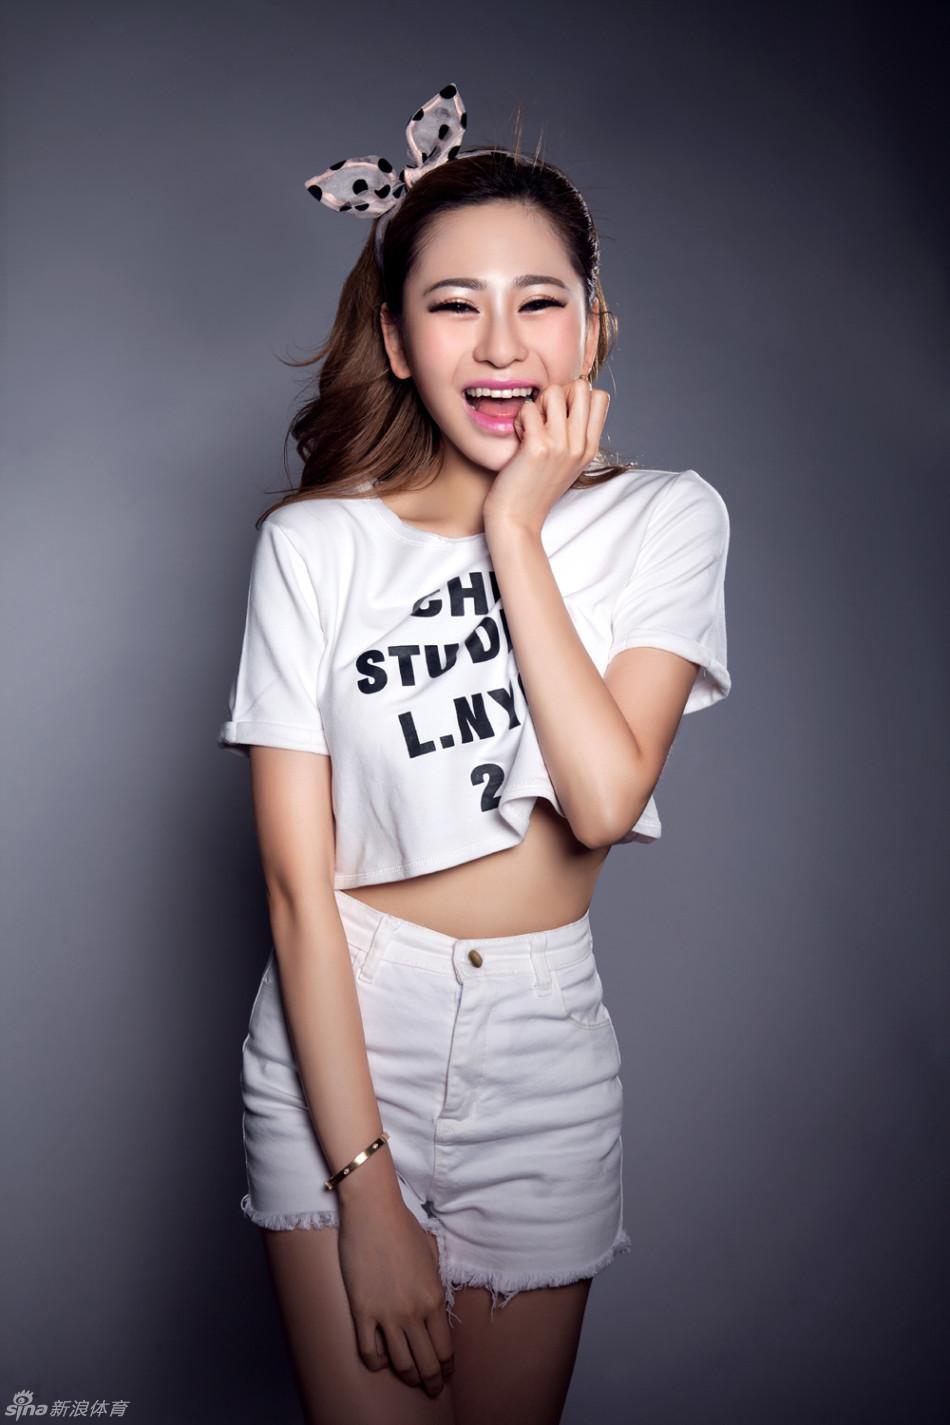 吴沐熙完美身材秀美腿 - 身材美女,性感美女,图片 ...